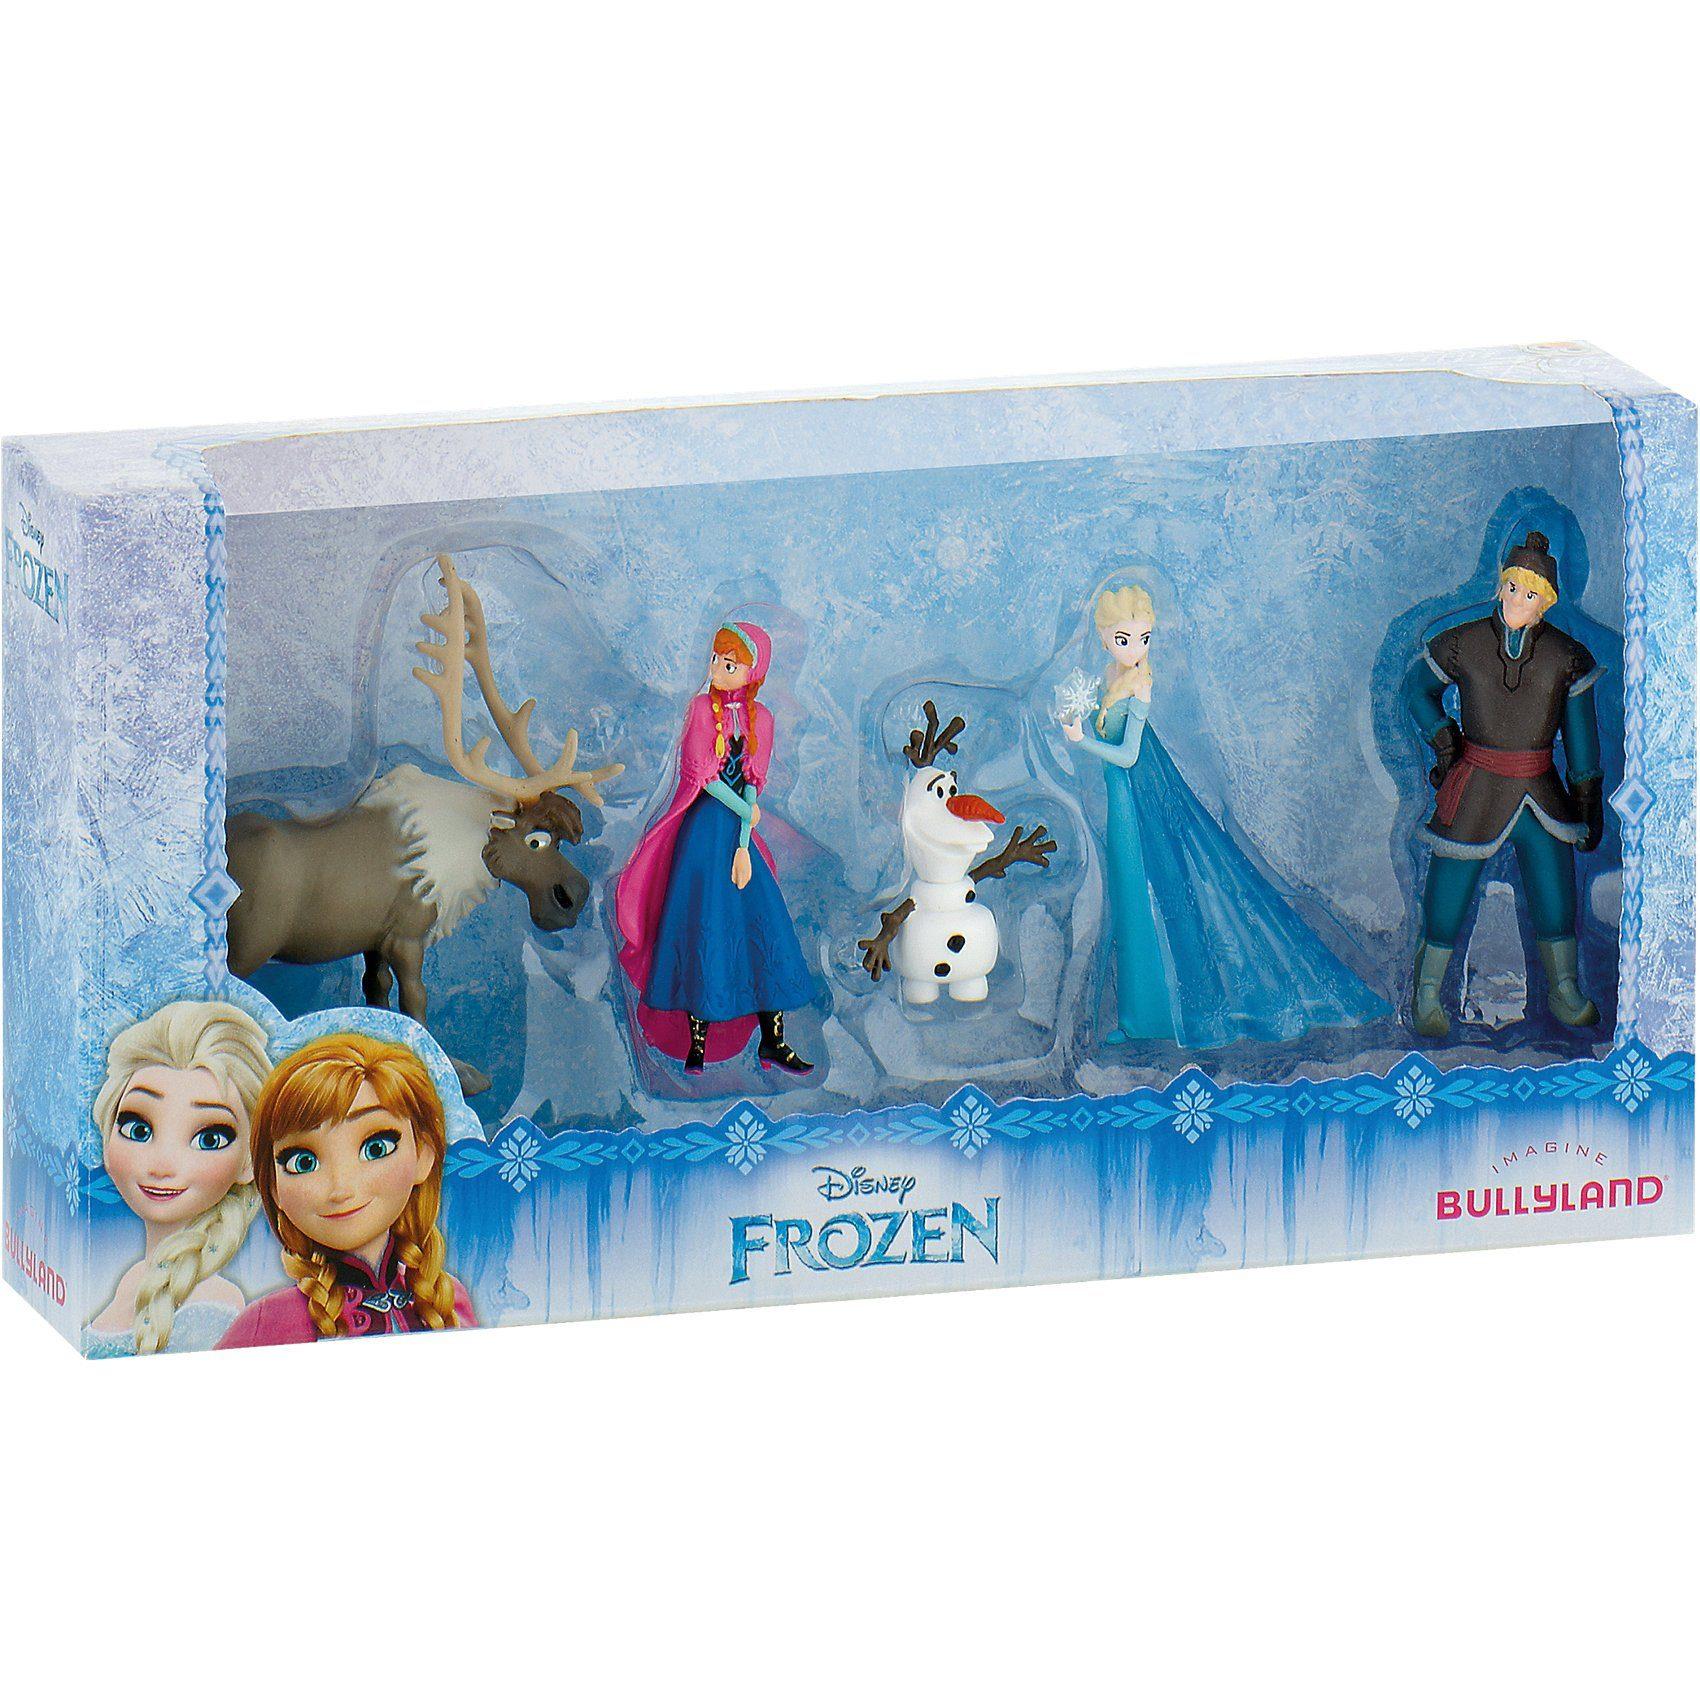 BULLYLAND Comicwelt - Disney Die Eiskönigin Mini 5er Set